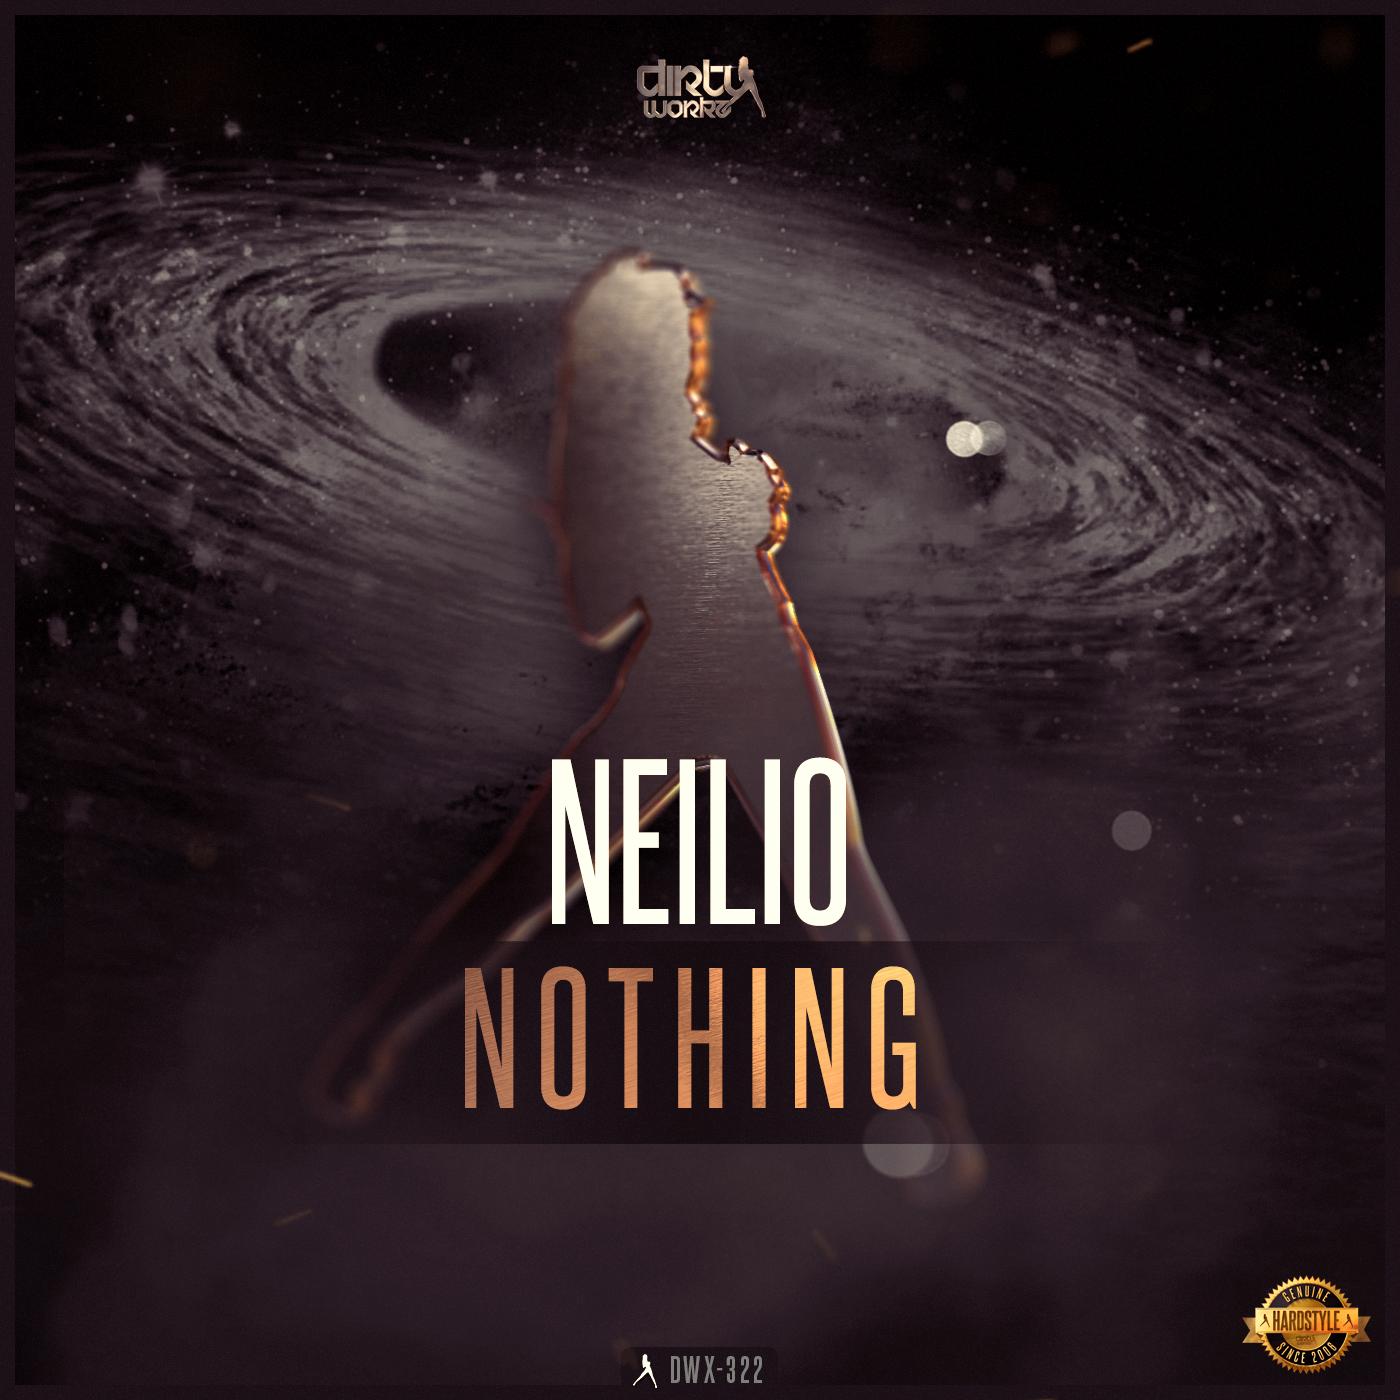 Neilio - Nothing [DIRTY WORKZ] DWX322